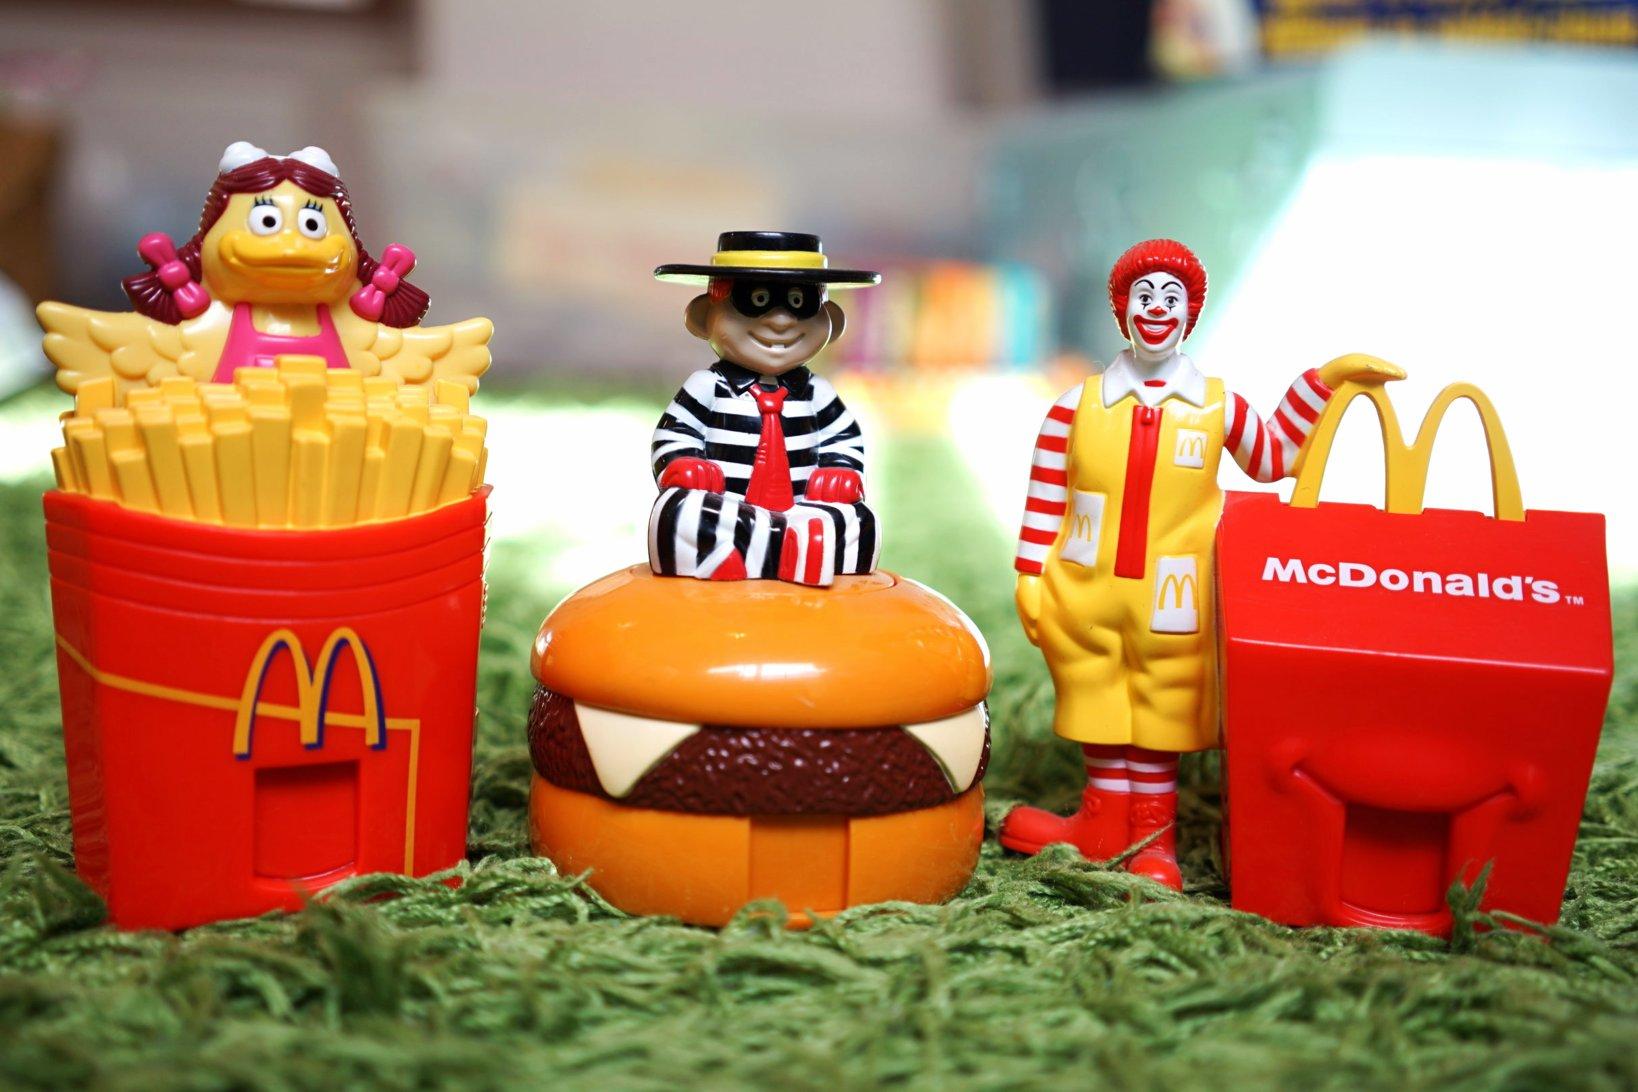 マクドナルドのキャラクター。左からBirdie(バーディー)、Hamburglar(ハンバーグラー)、Ronald McDonald(ロナルドマクドナルド)